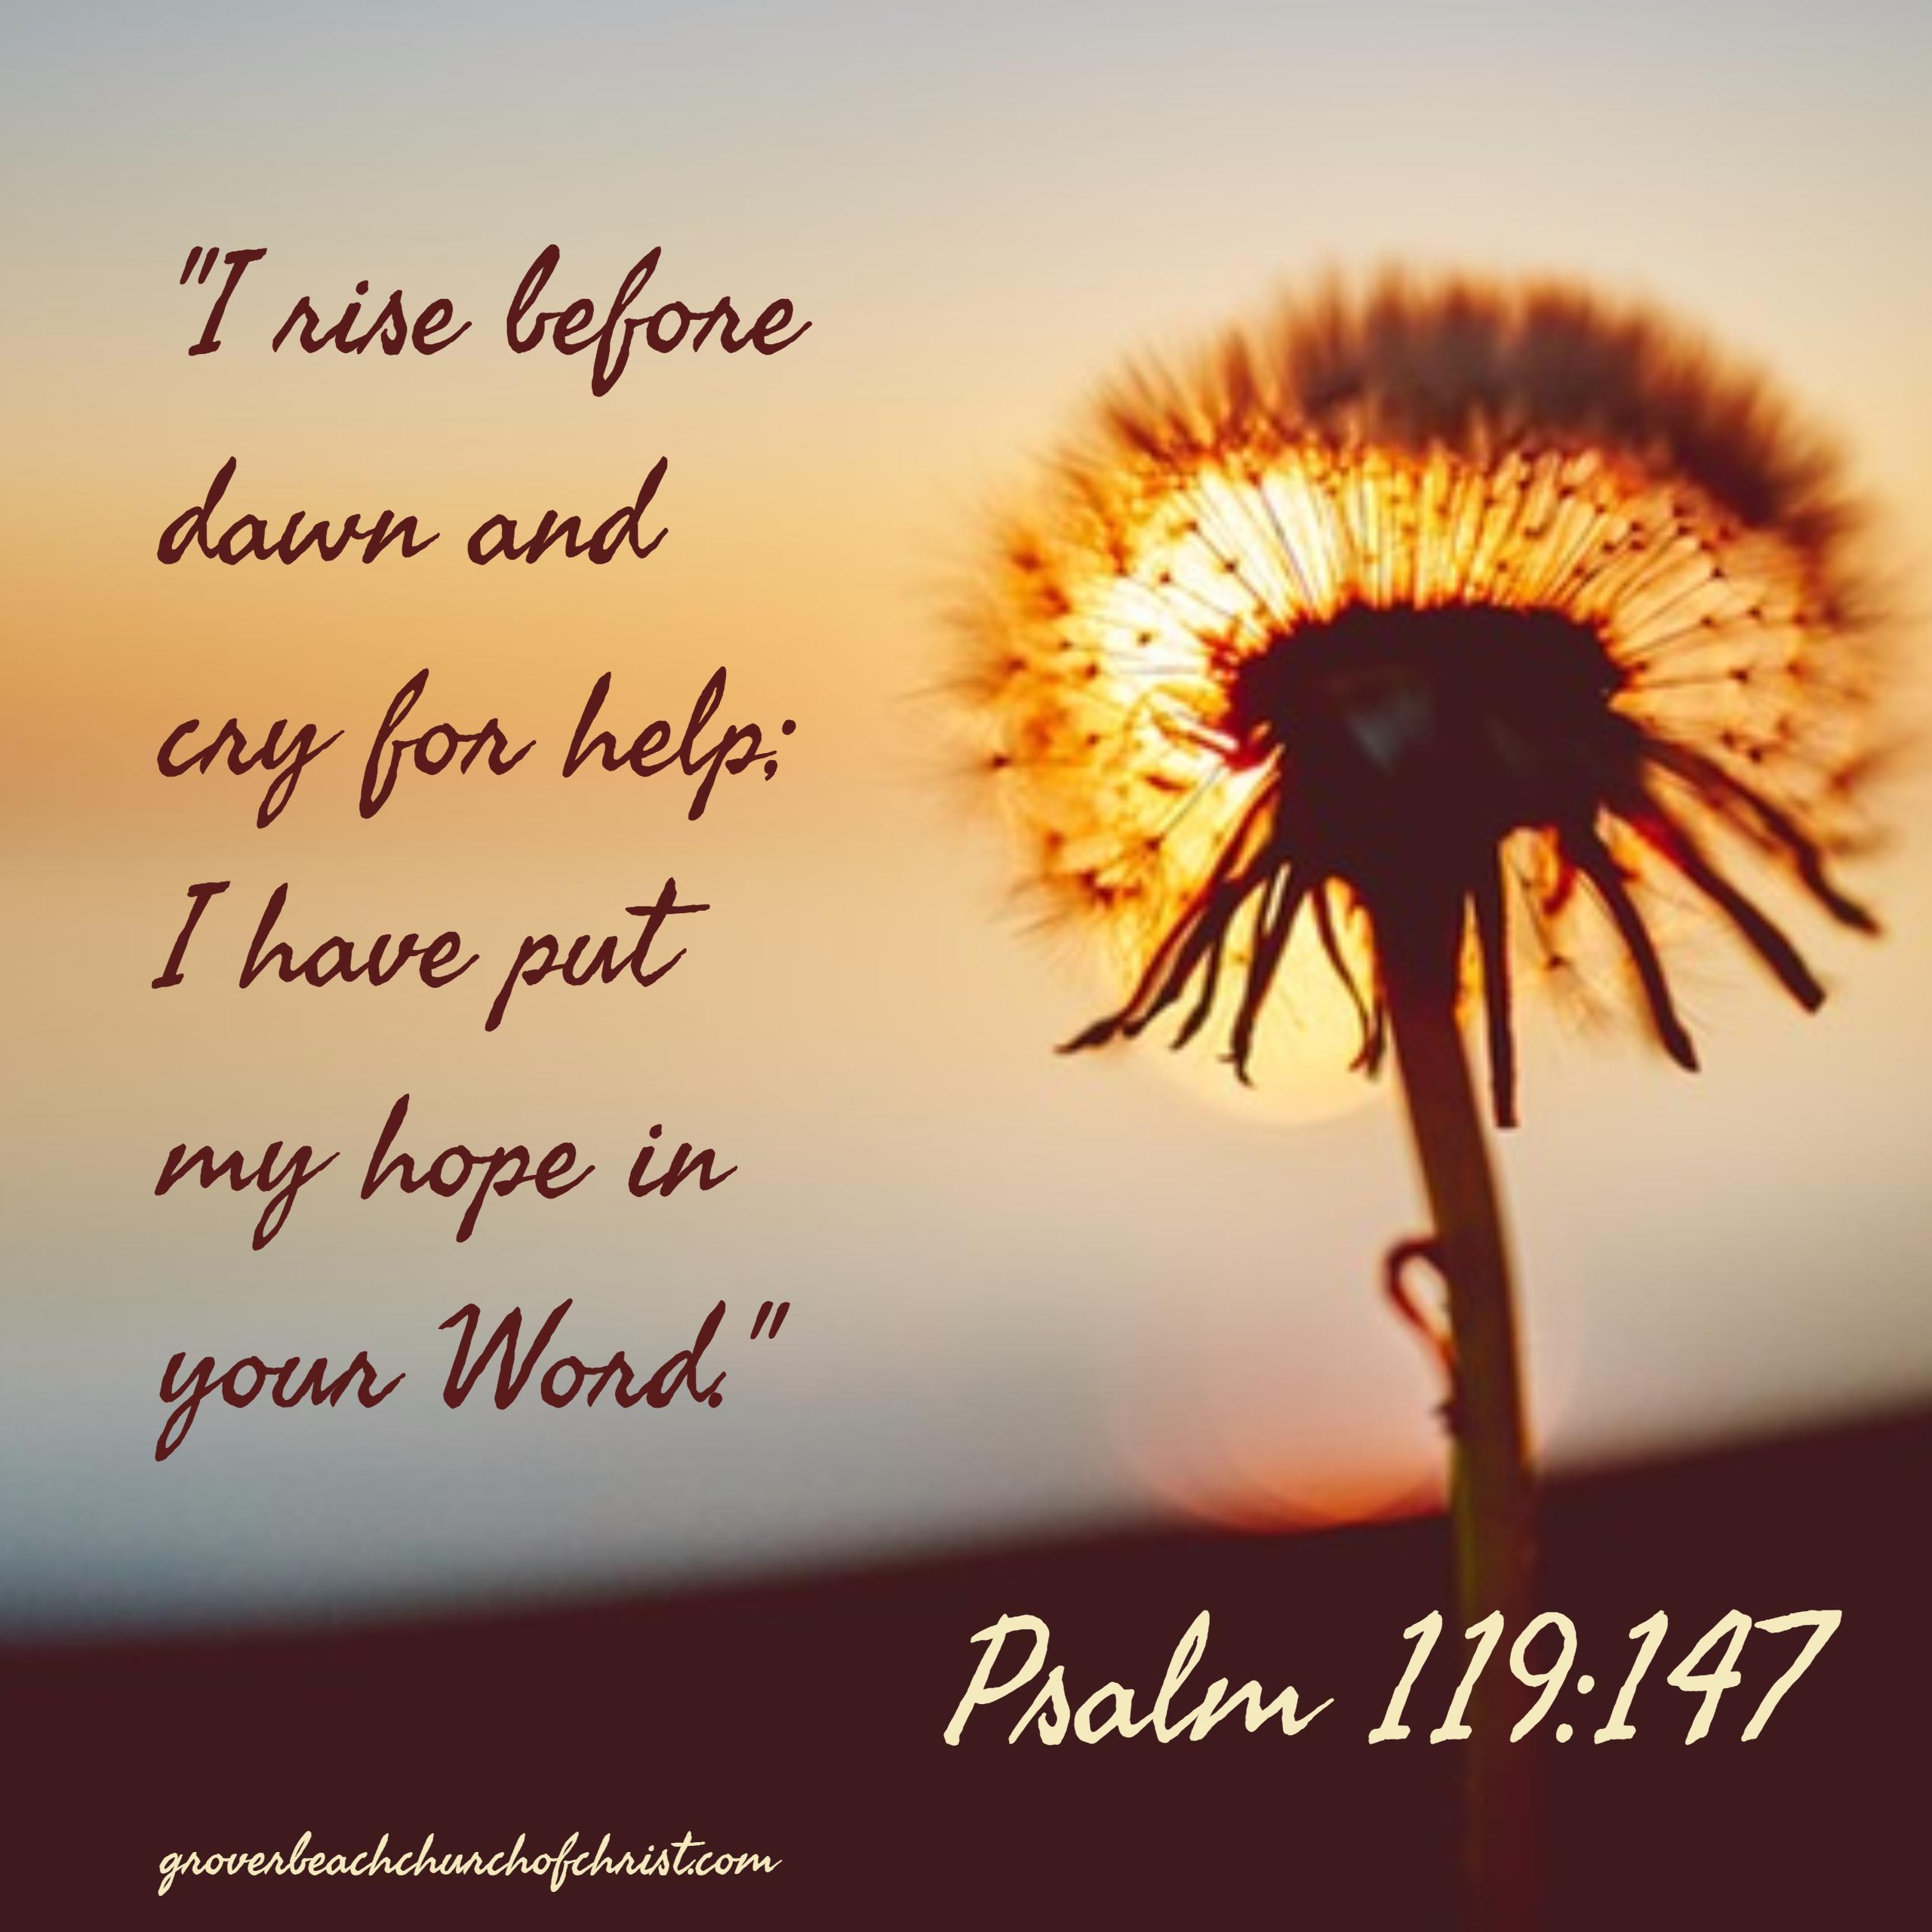 psalm-119-147-i-rise